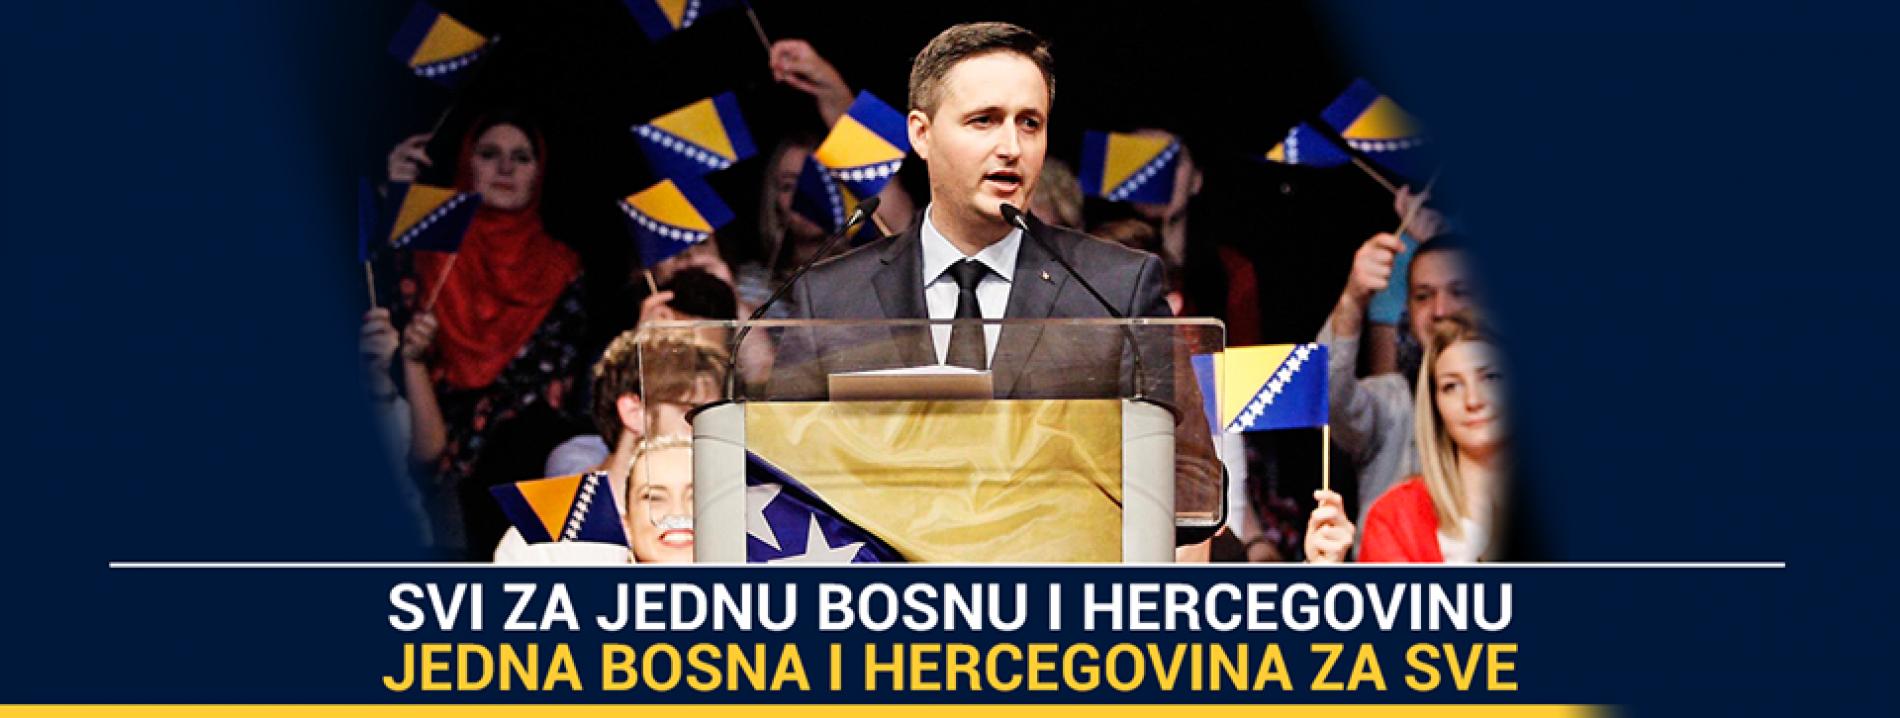 Bećirović: Velika je šansa da pobijedimo i ja i Komšić